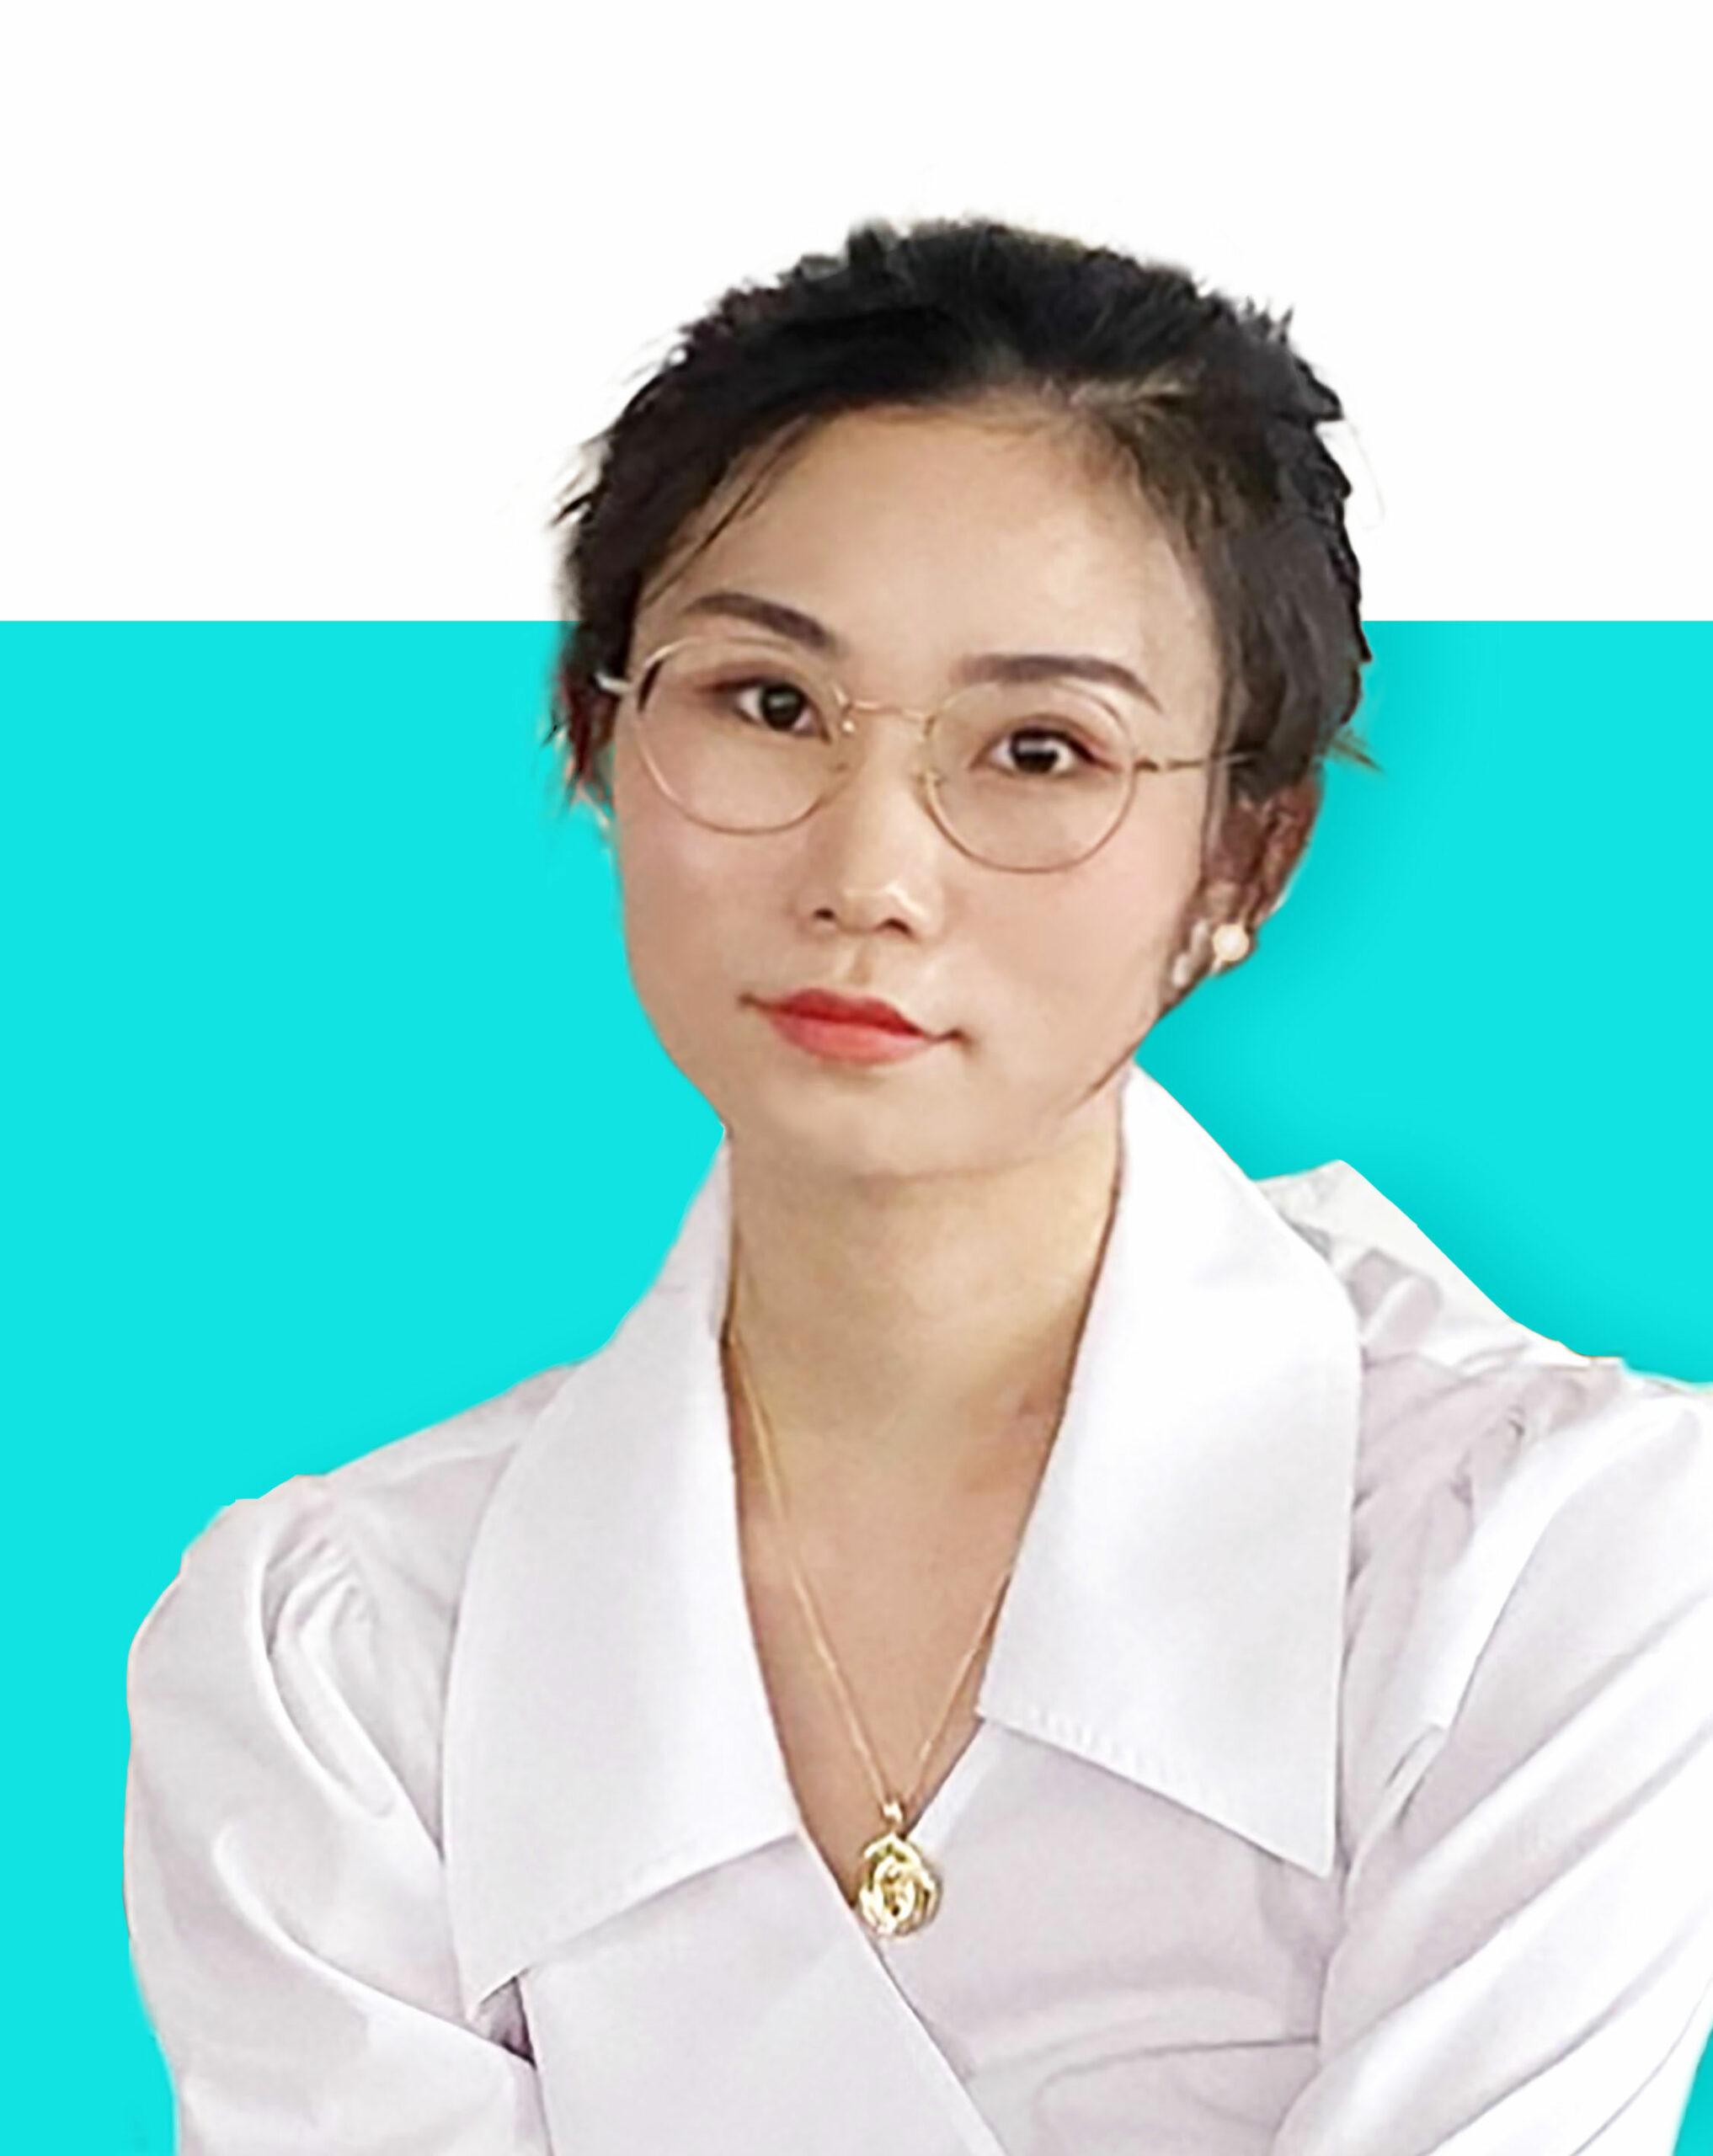 Jiaxin Zhao, MBBS